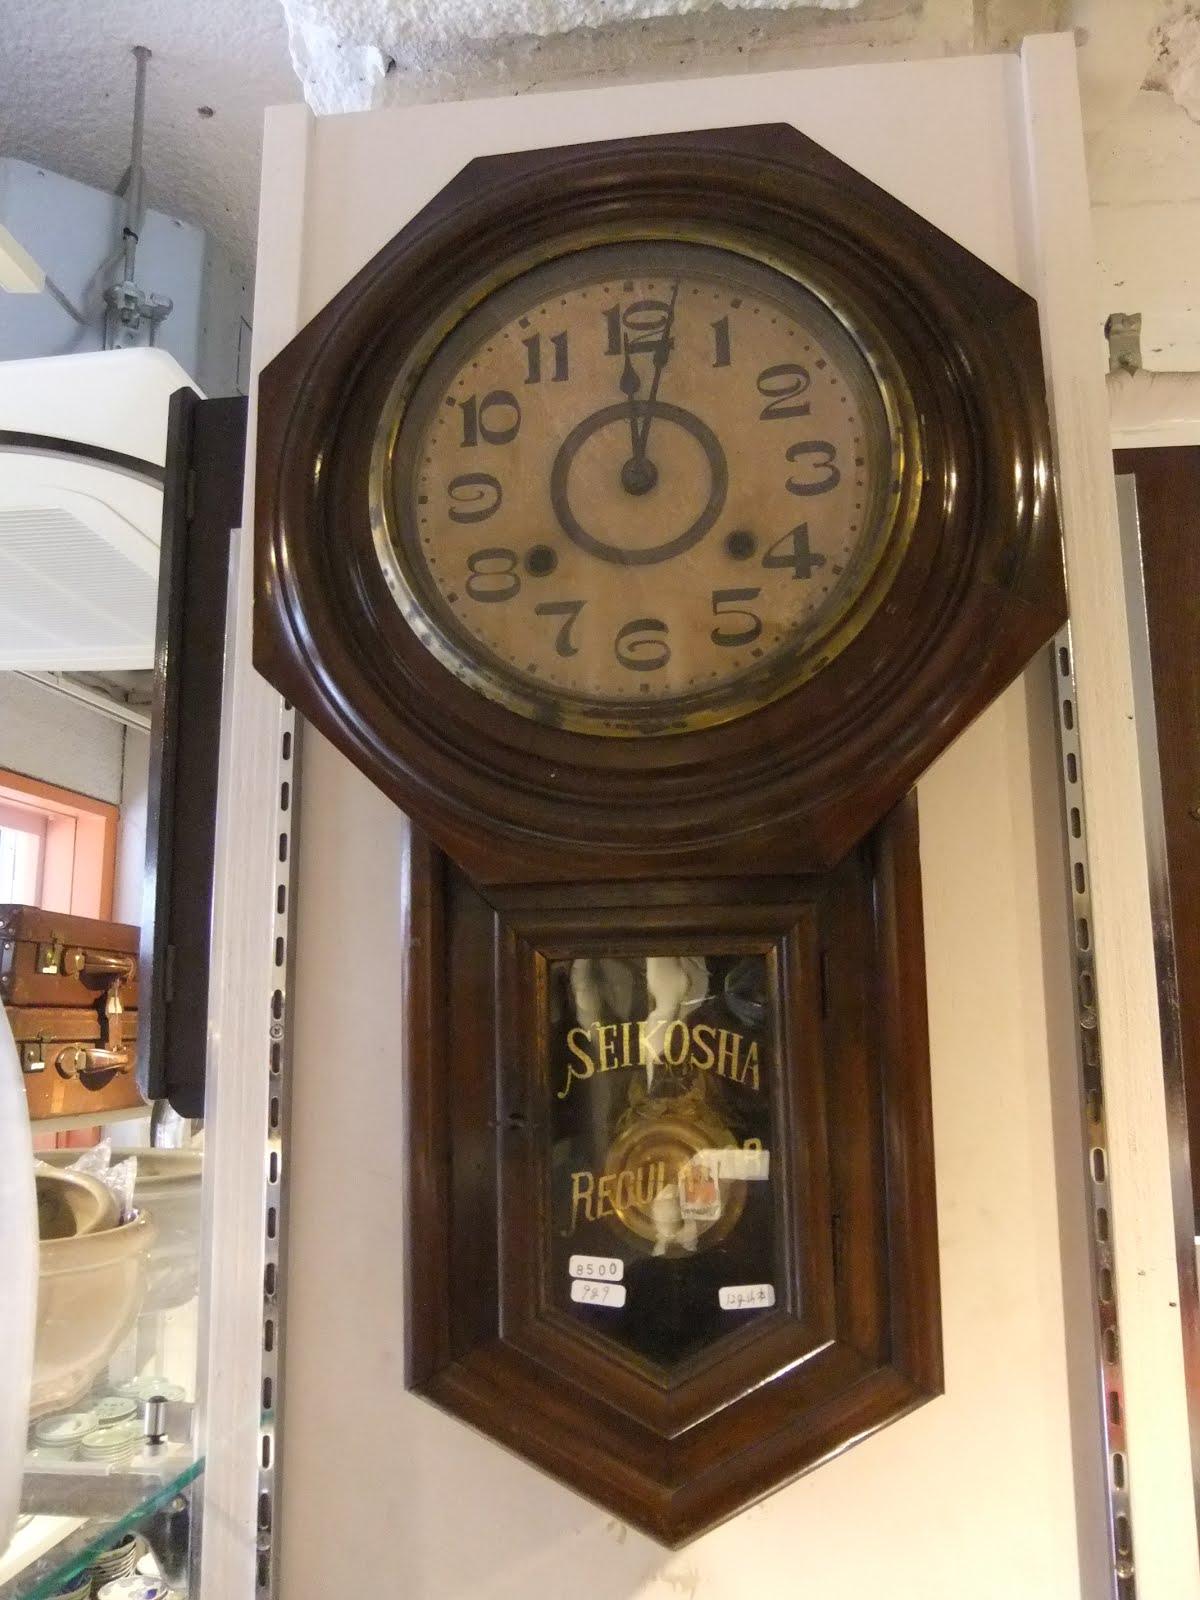 セイコー社八角掛け時計